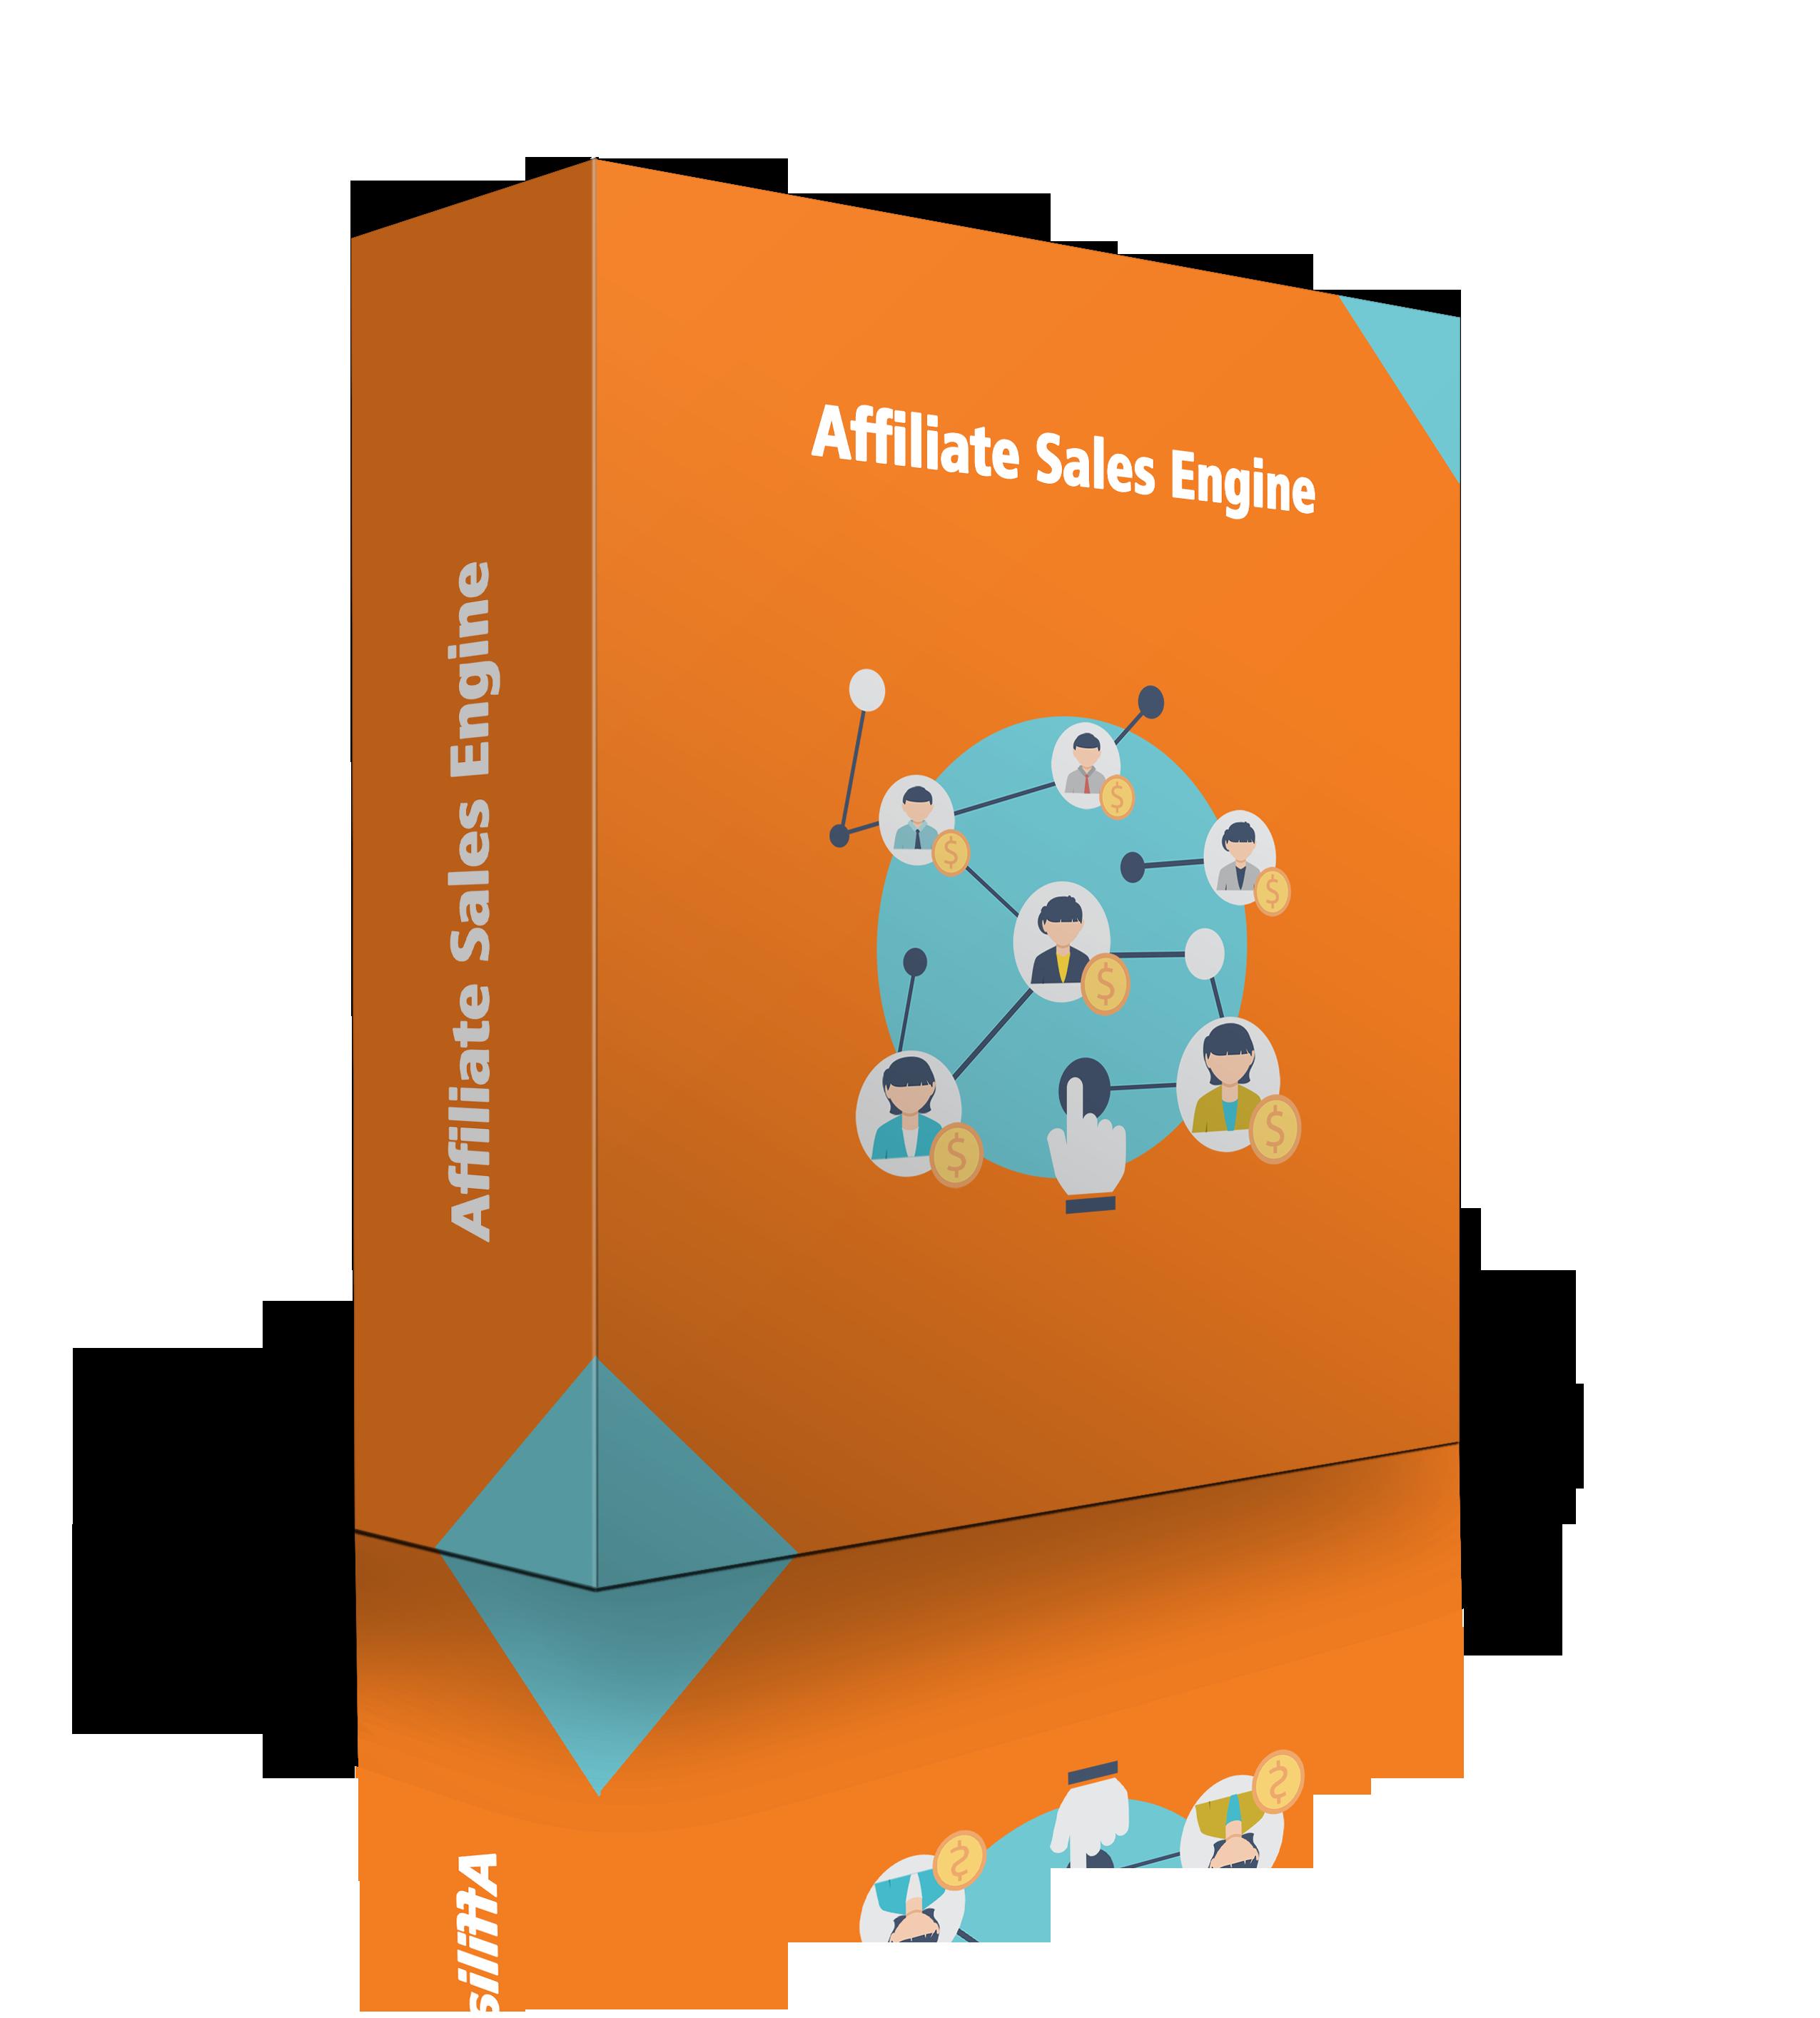 Affiliate sales engine